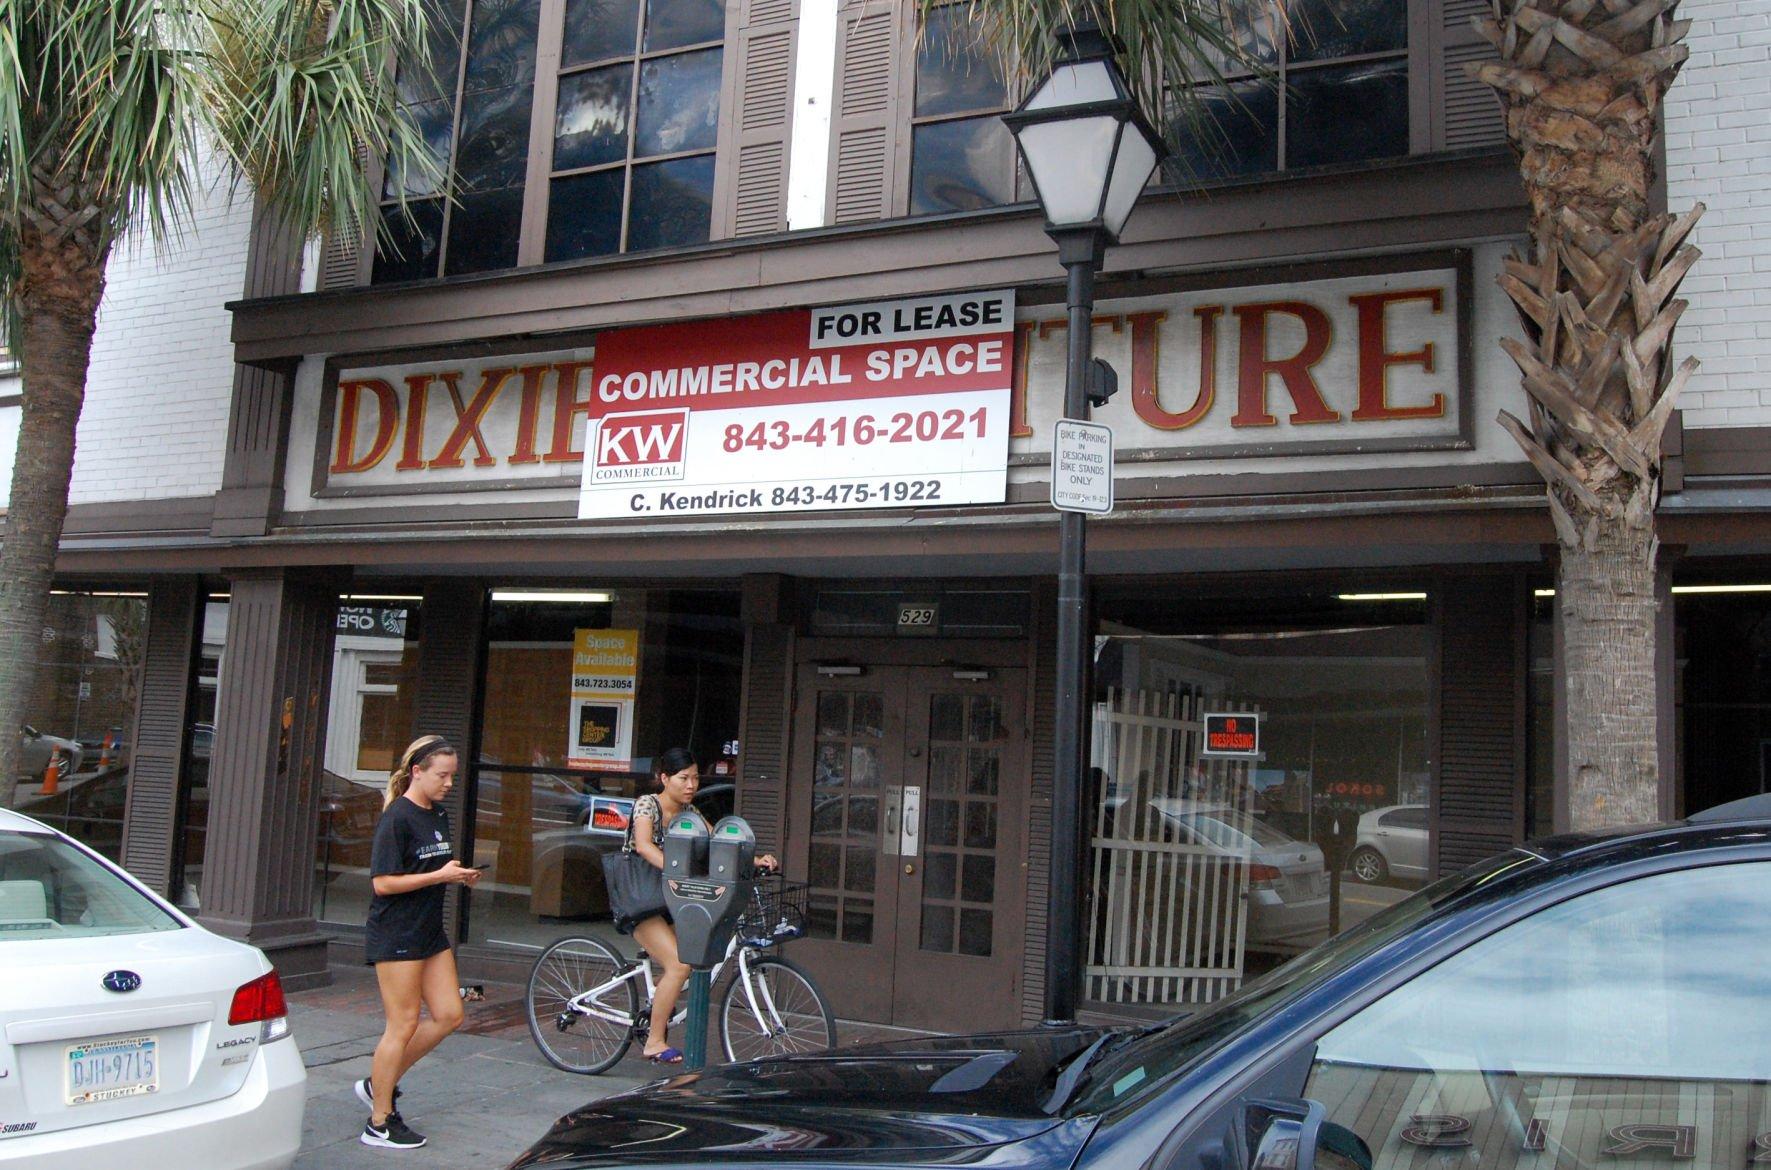 Gentil Dixie Furniture Plans